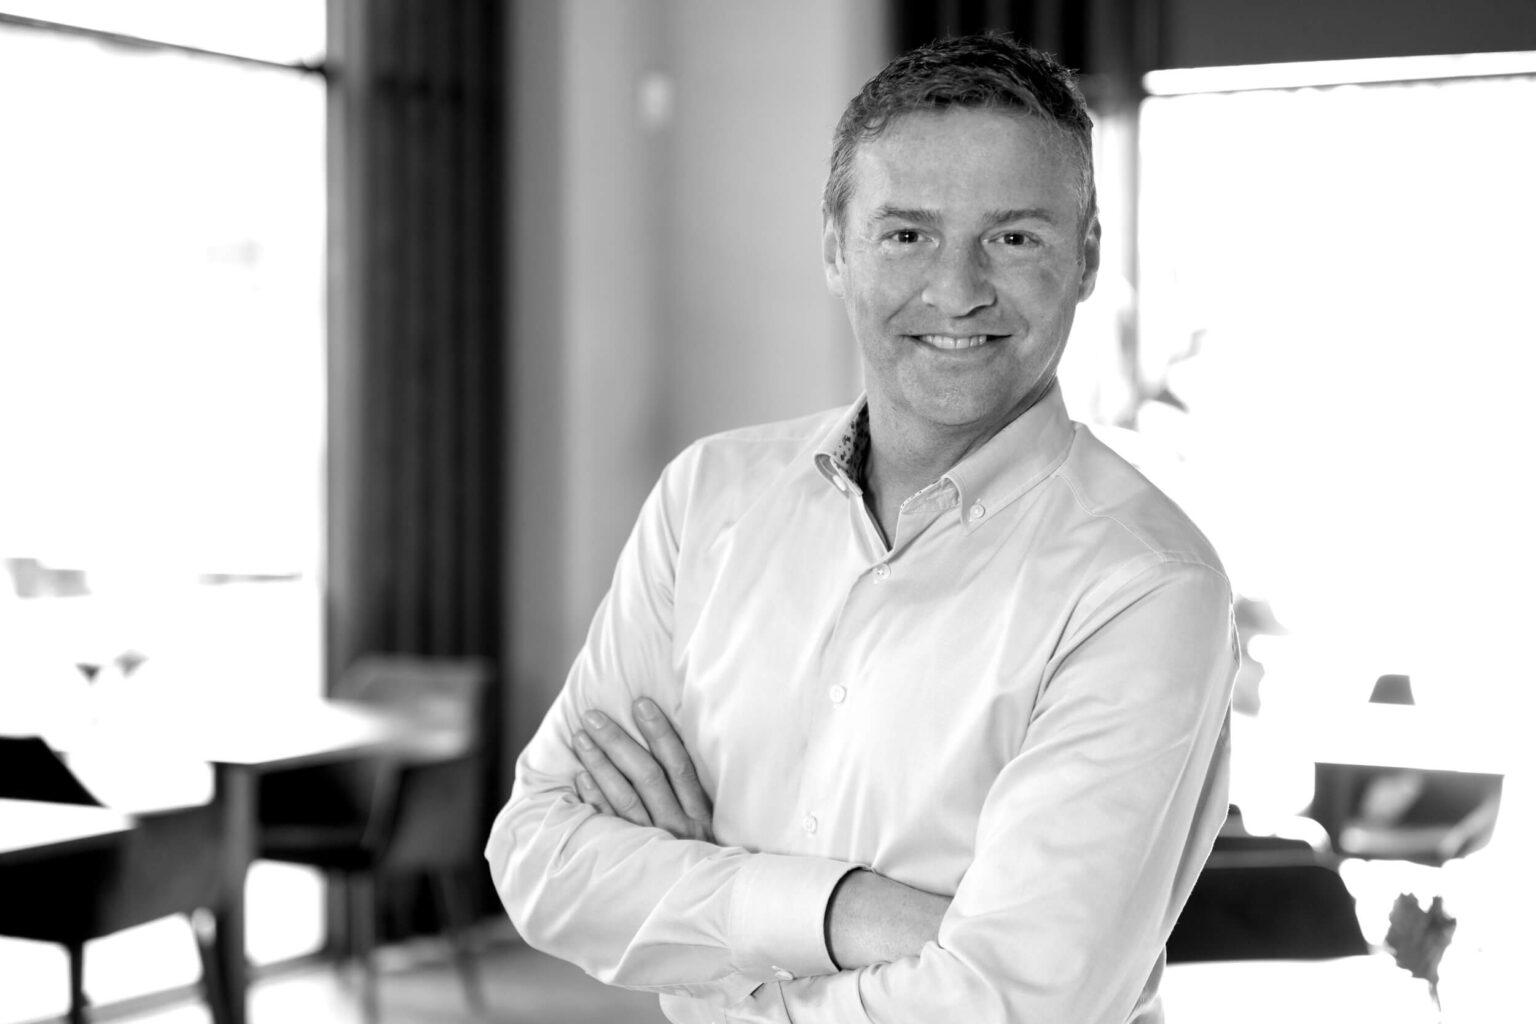 Jerome Pourchere – Schwarz-Weiss-Foto. Das Bild zeigt Jerome Pourchere lächelnd angelehnt an eine Wand. Die Datei ist ein Foto im JPEG-Format.